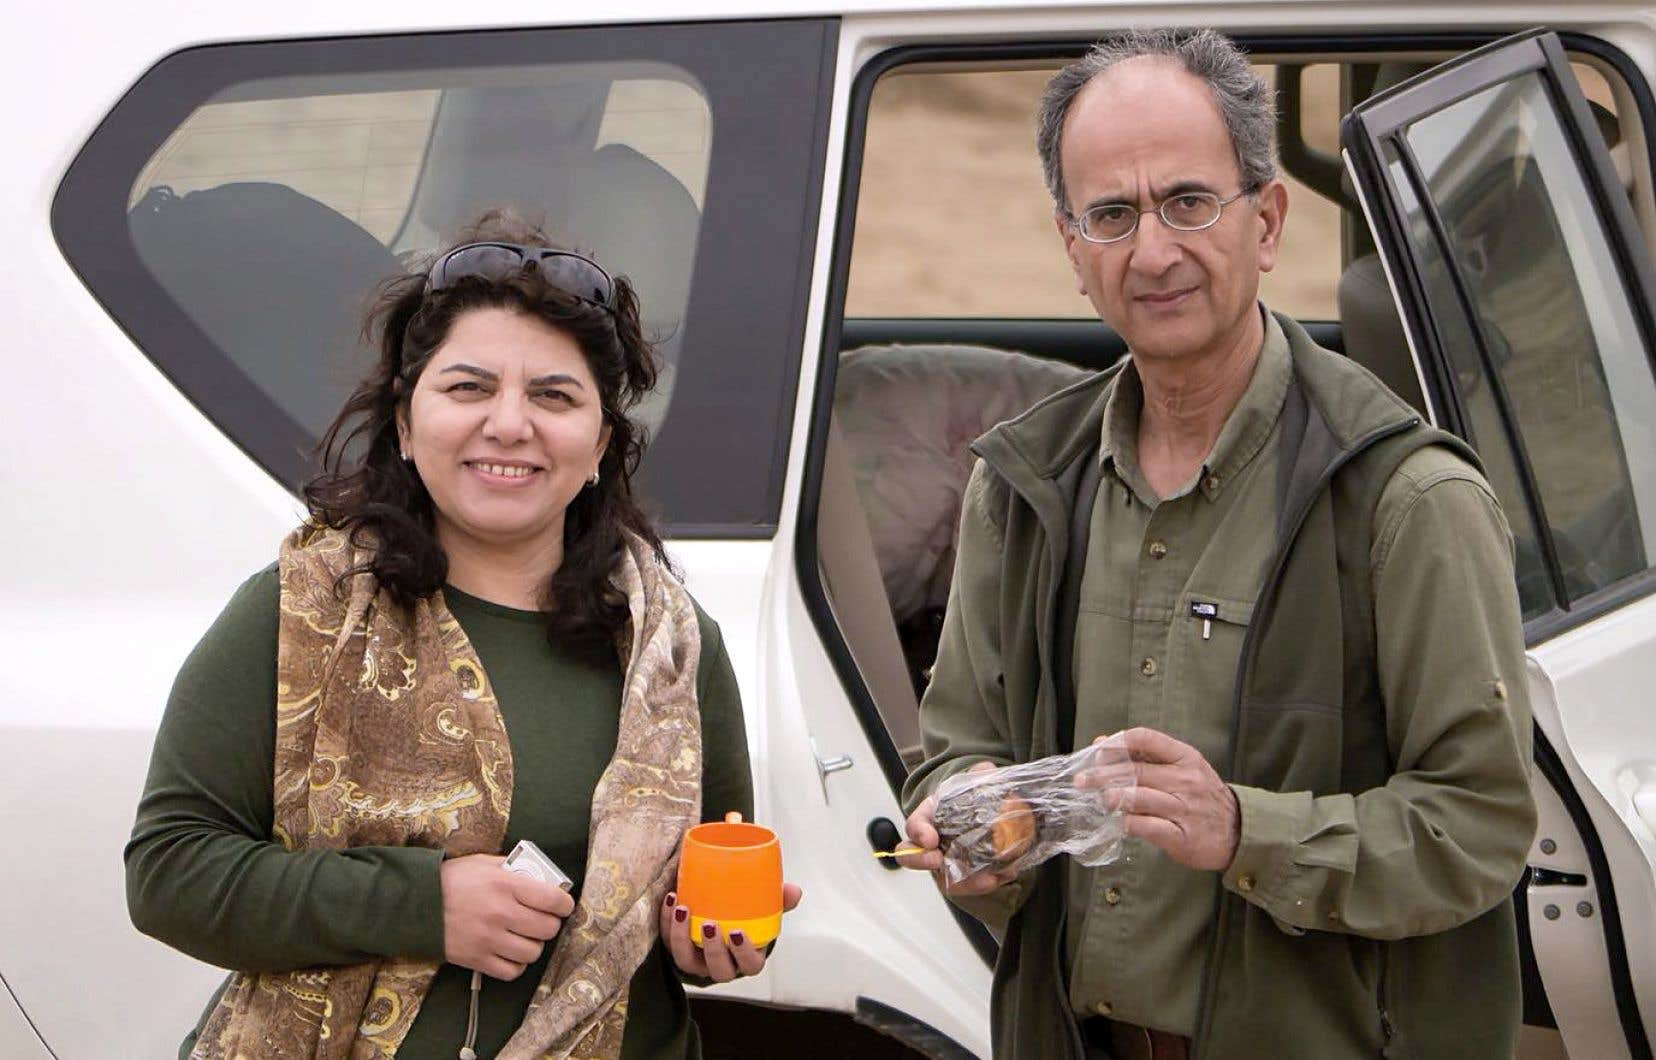 Le sociologue Kavous Seyed-Emami, photographié en Iran à une date inconnue avec sa femme, Maryam Mombein, est mort dans la tristement célèbre prison d'Evin, à Téhéran, en février.